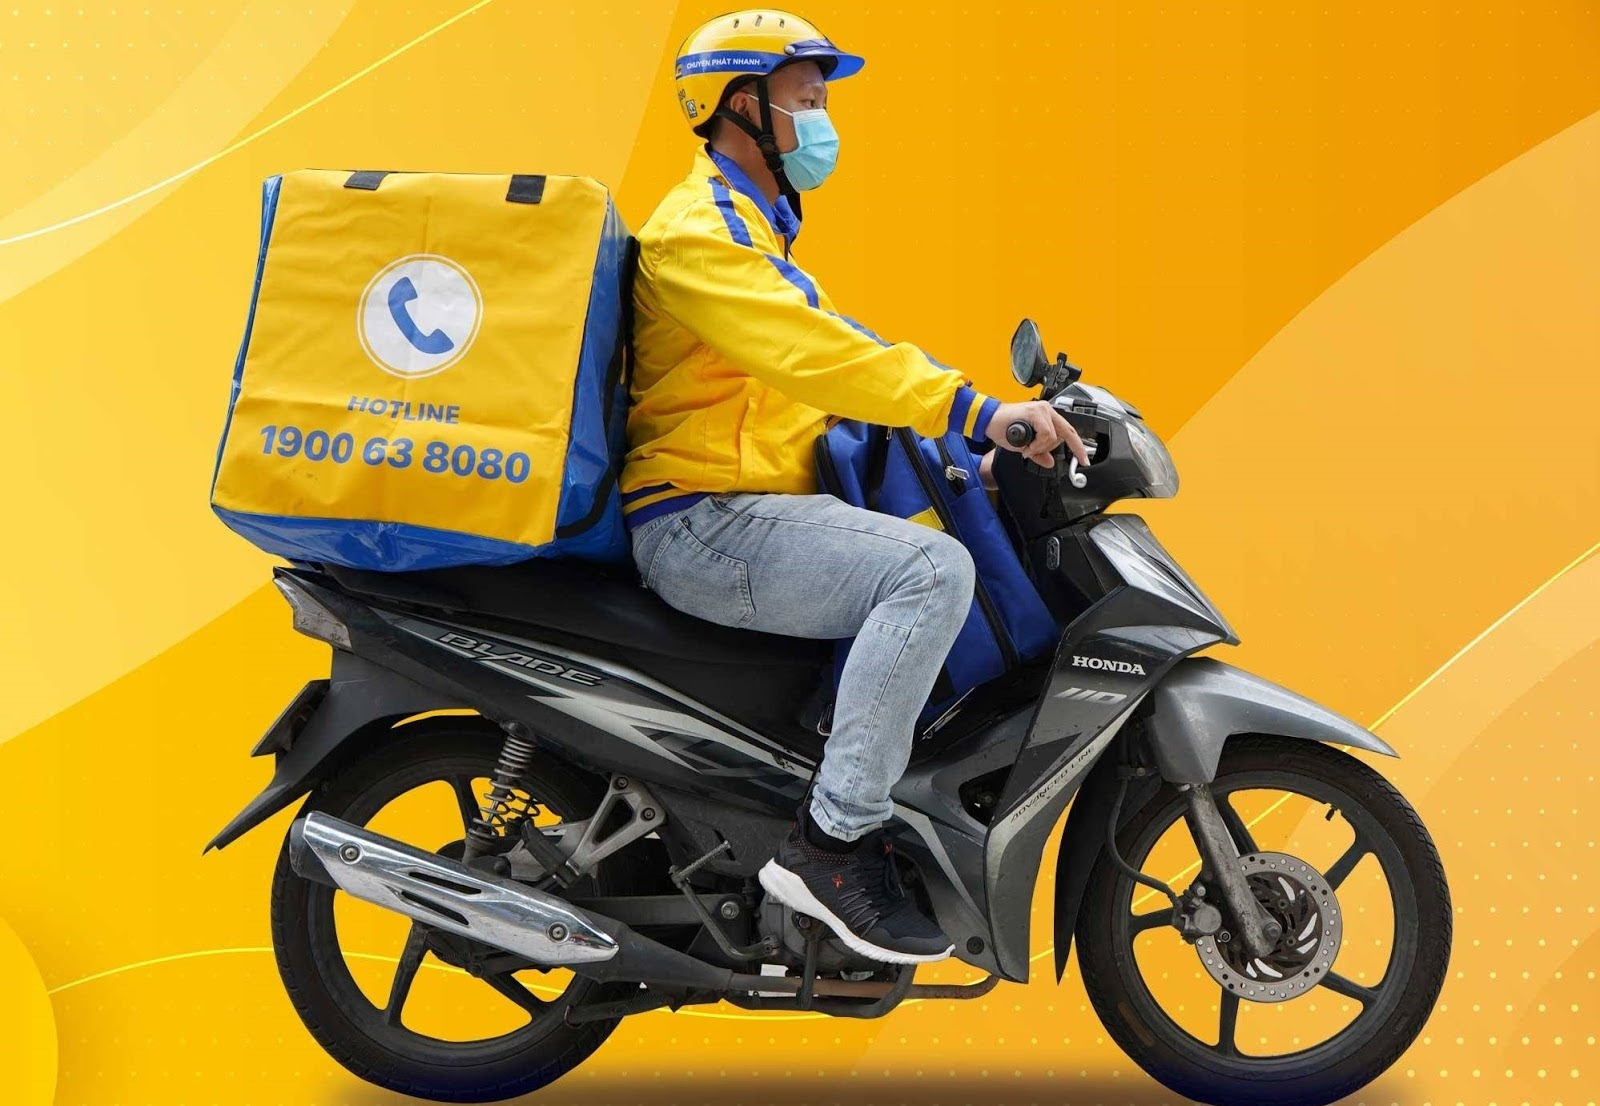 Shipper giao hàng cần xử lý nhanh tình huống bất ngờ khi giao hàng